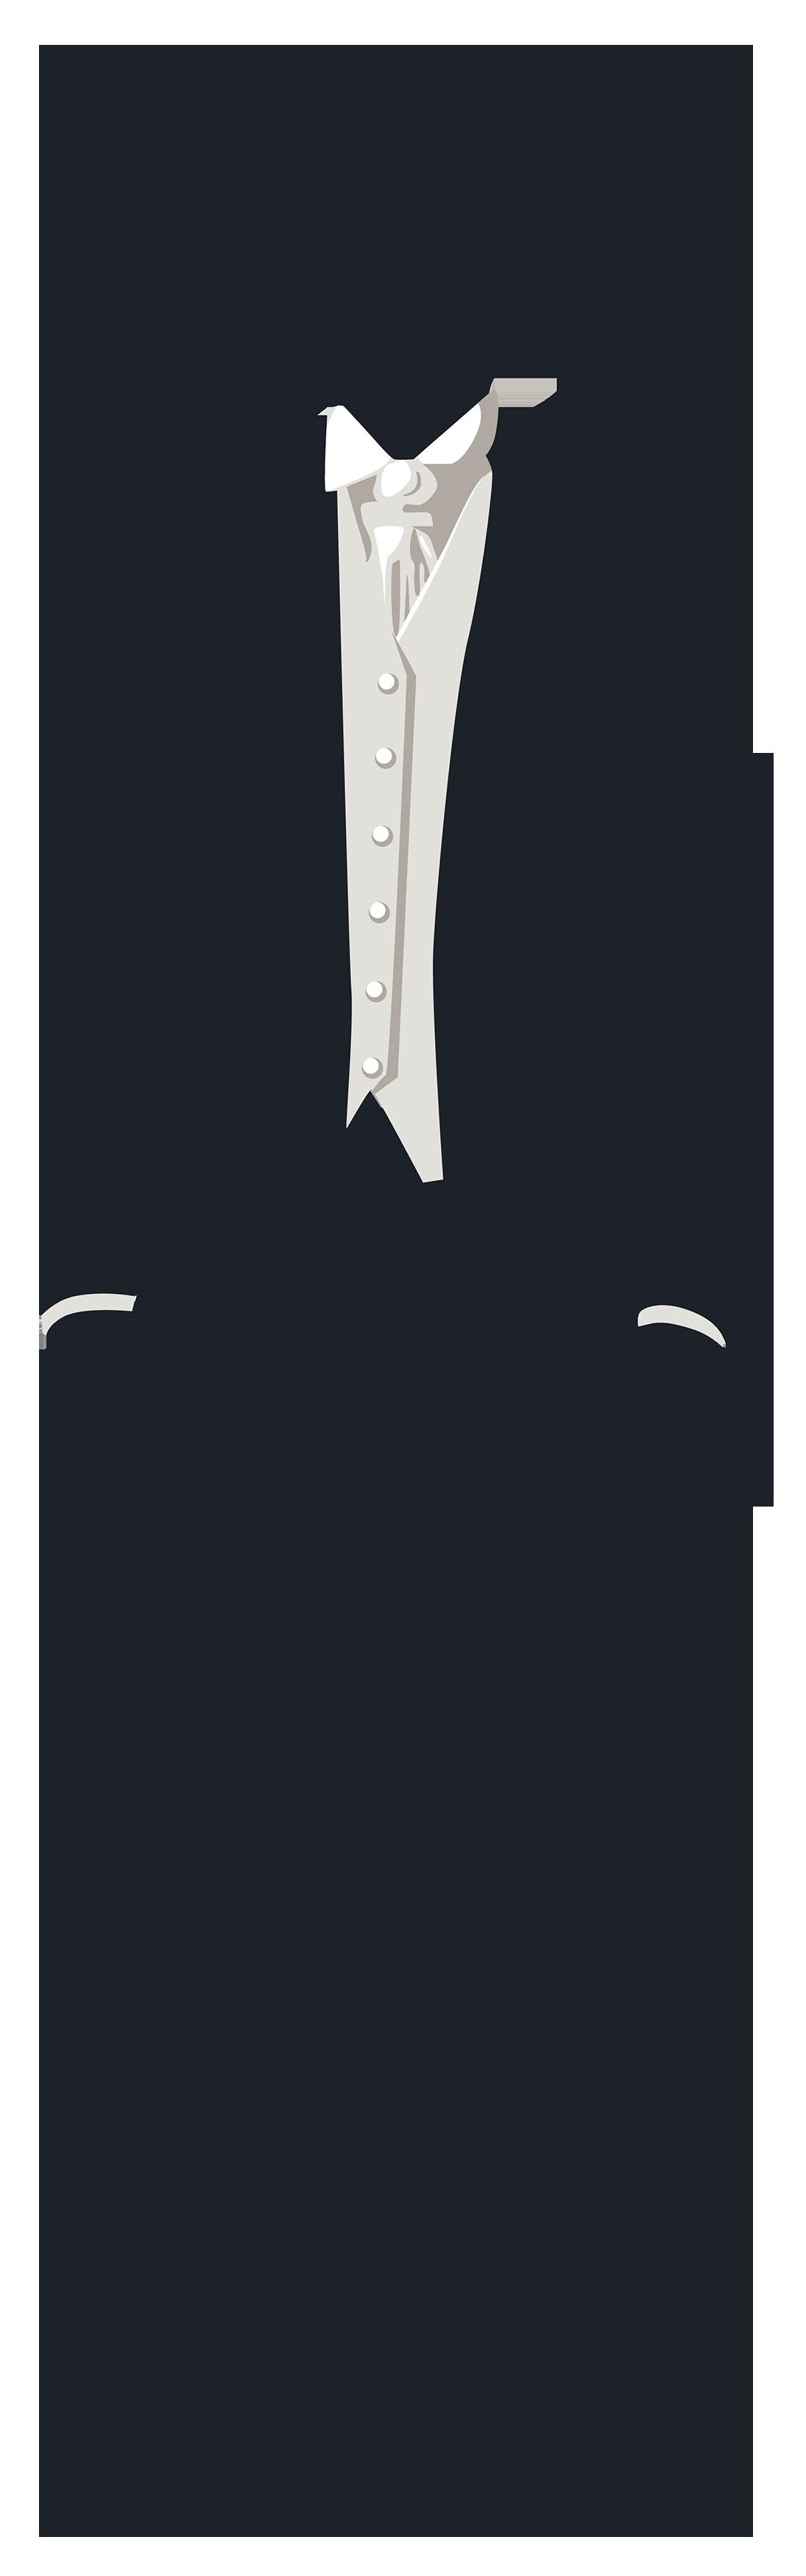 Groom HD PNG